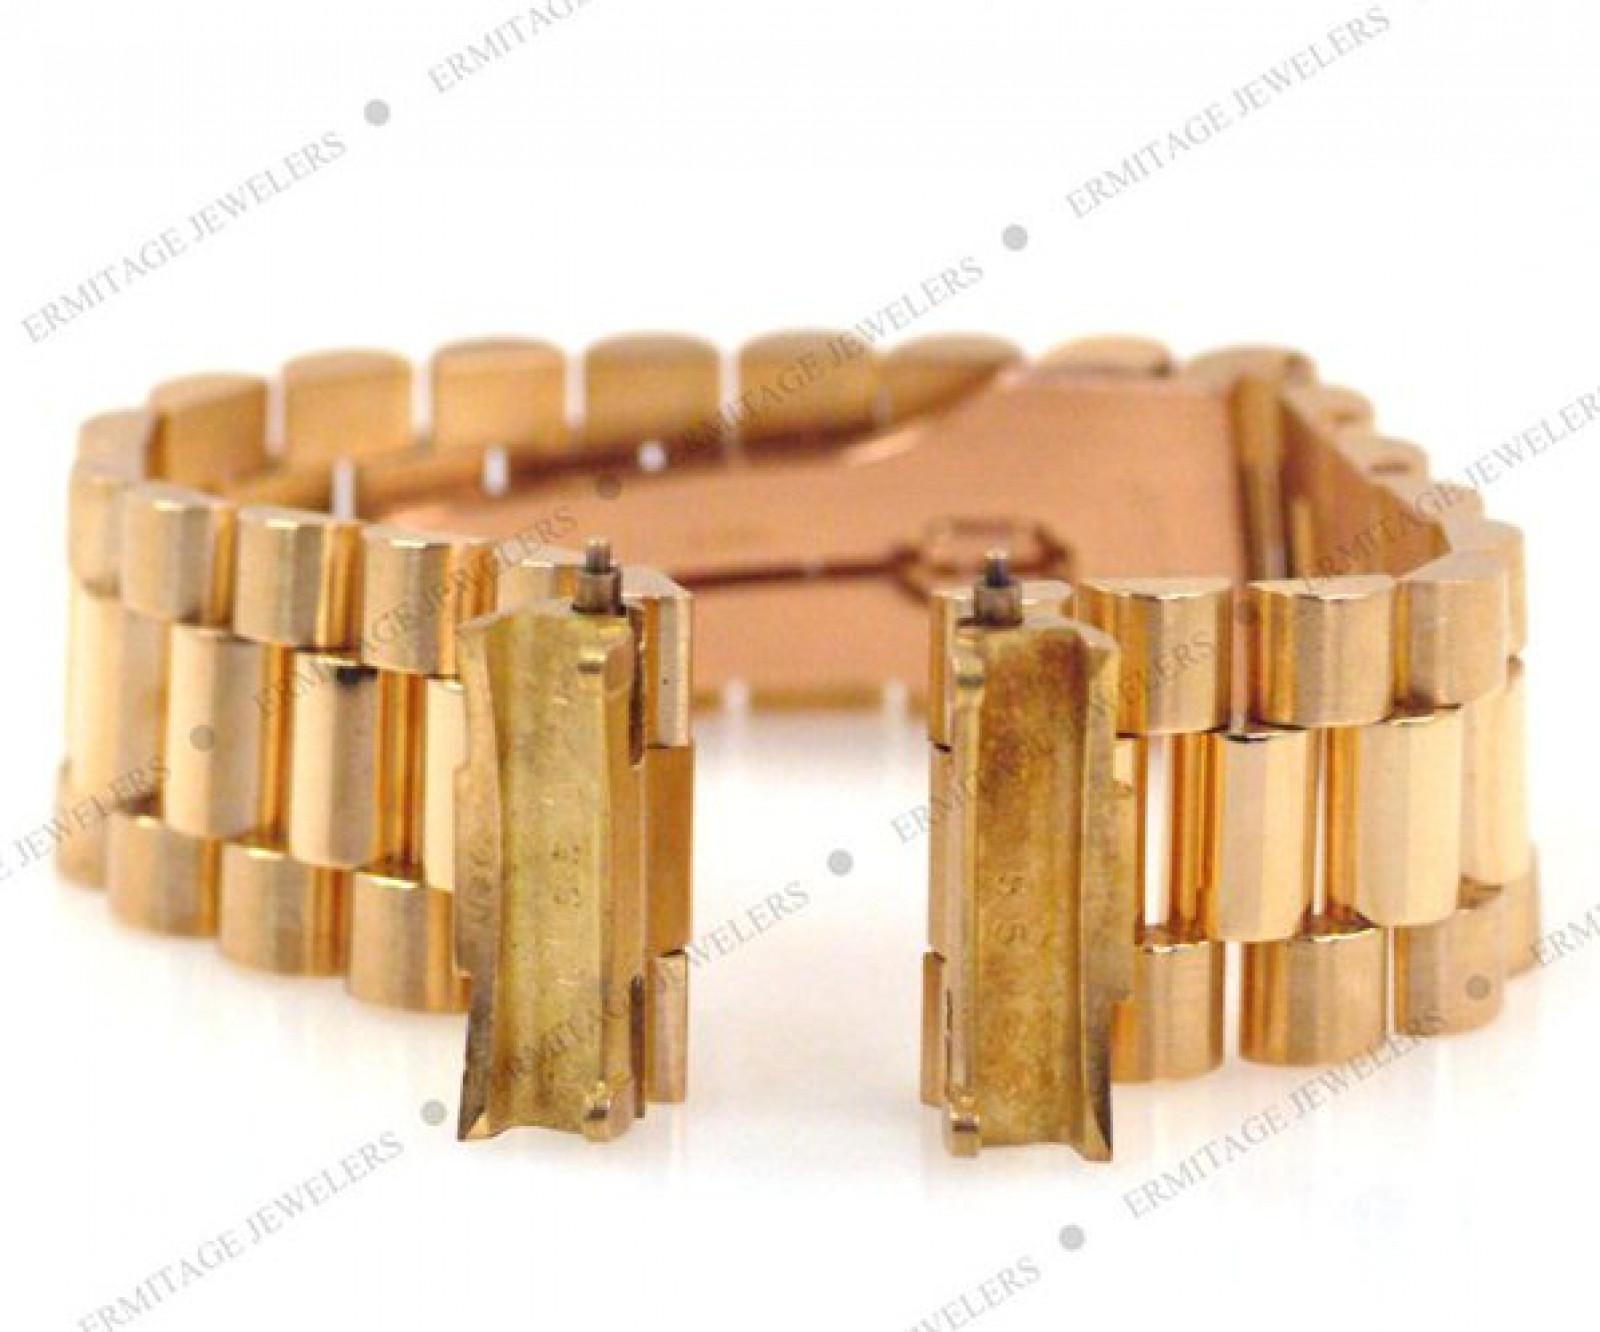 Rolex Day-Date 18238 Gold Black 1991